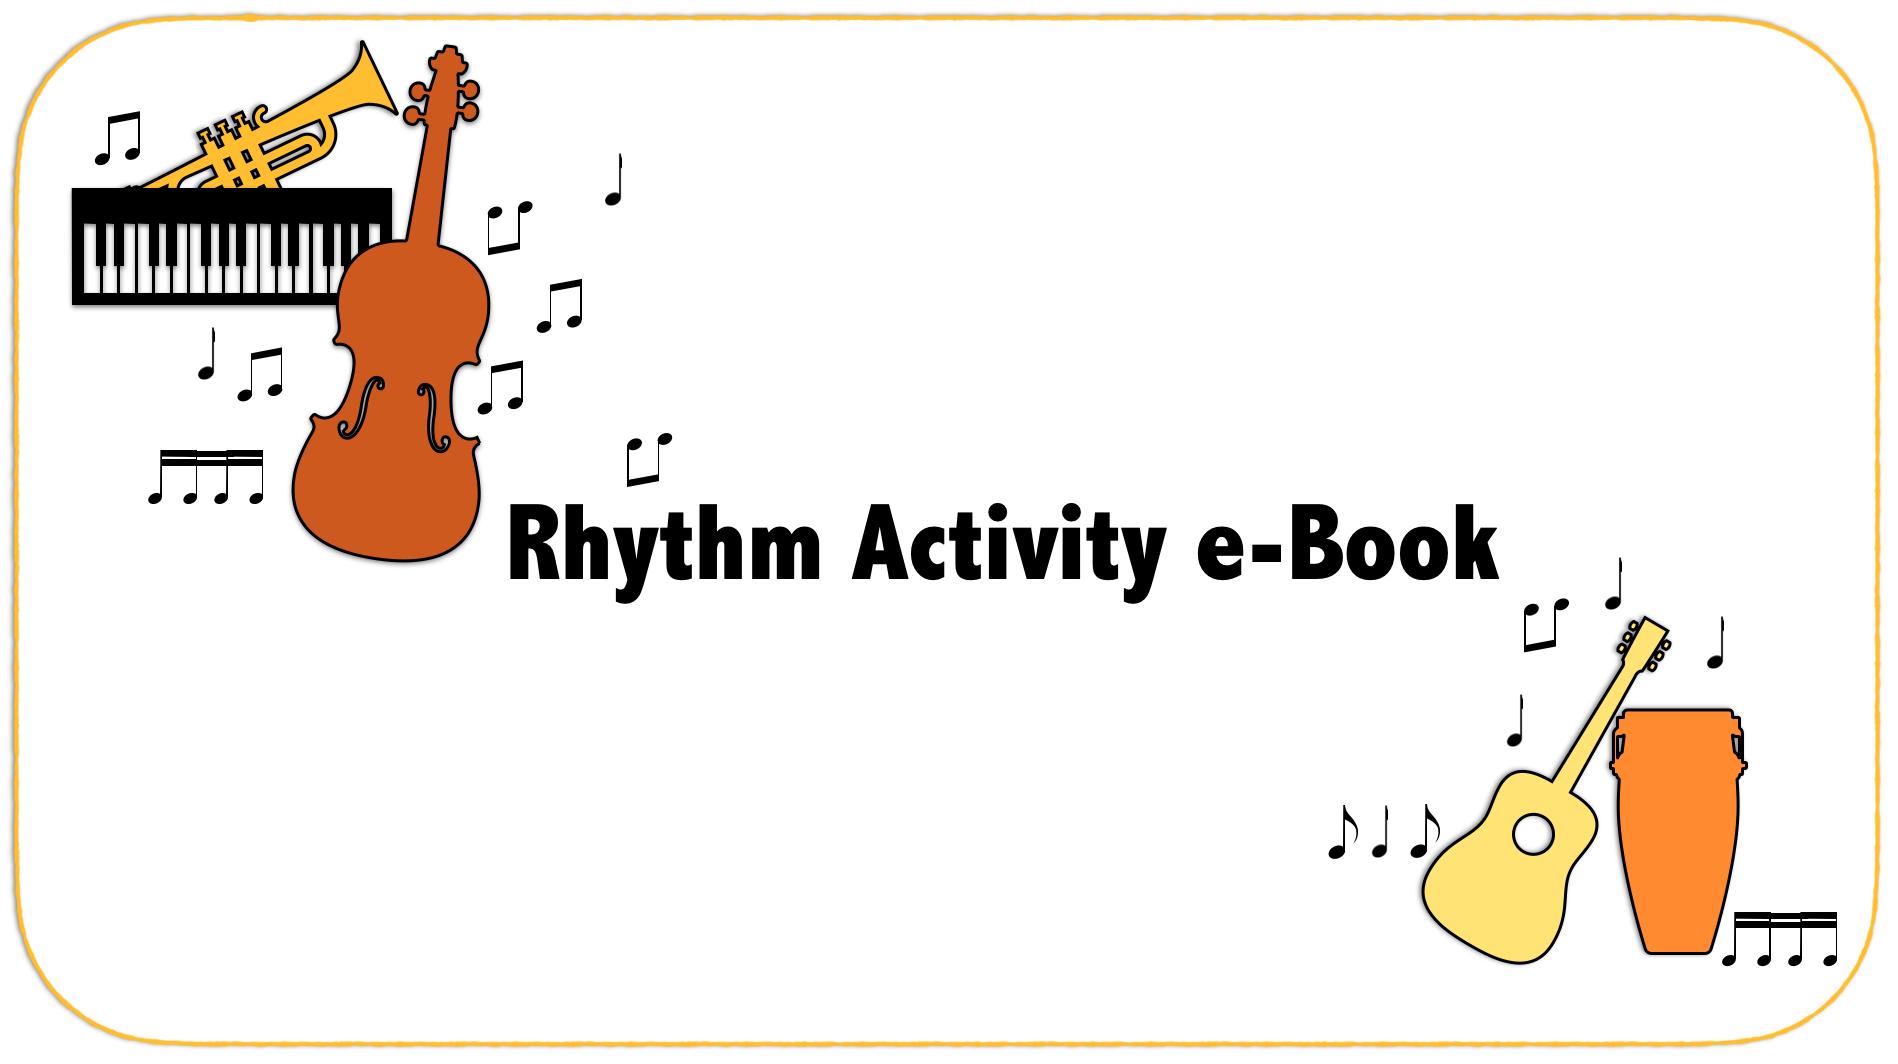 Rhythm Activity e-Book